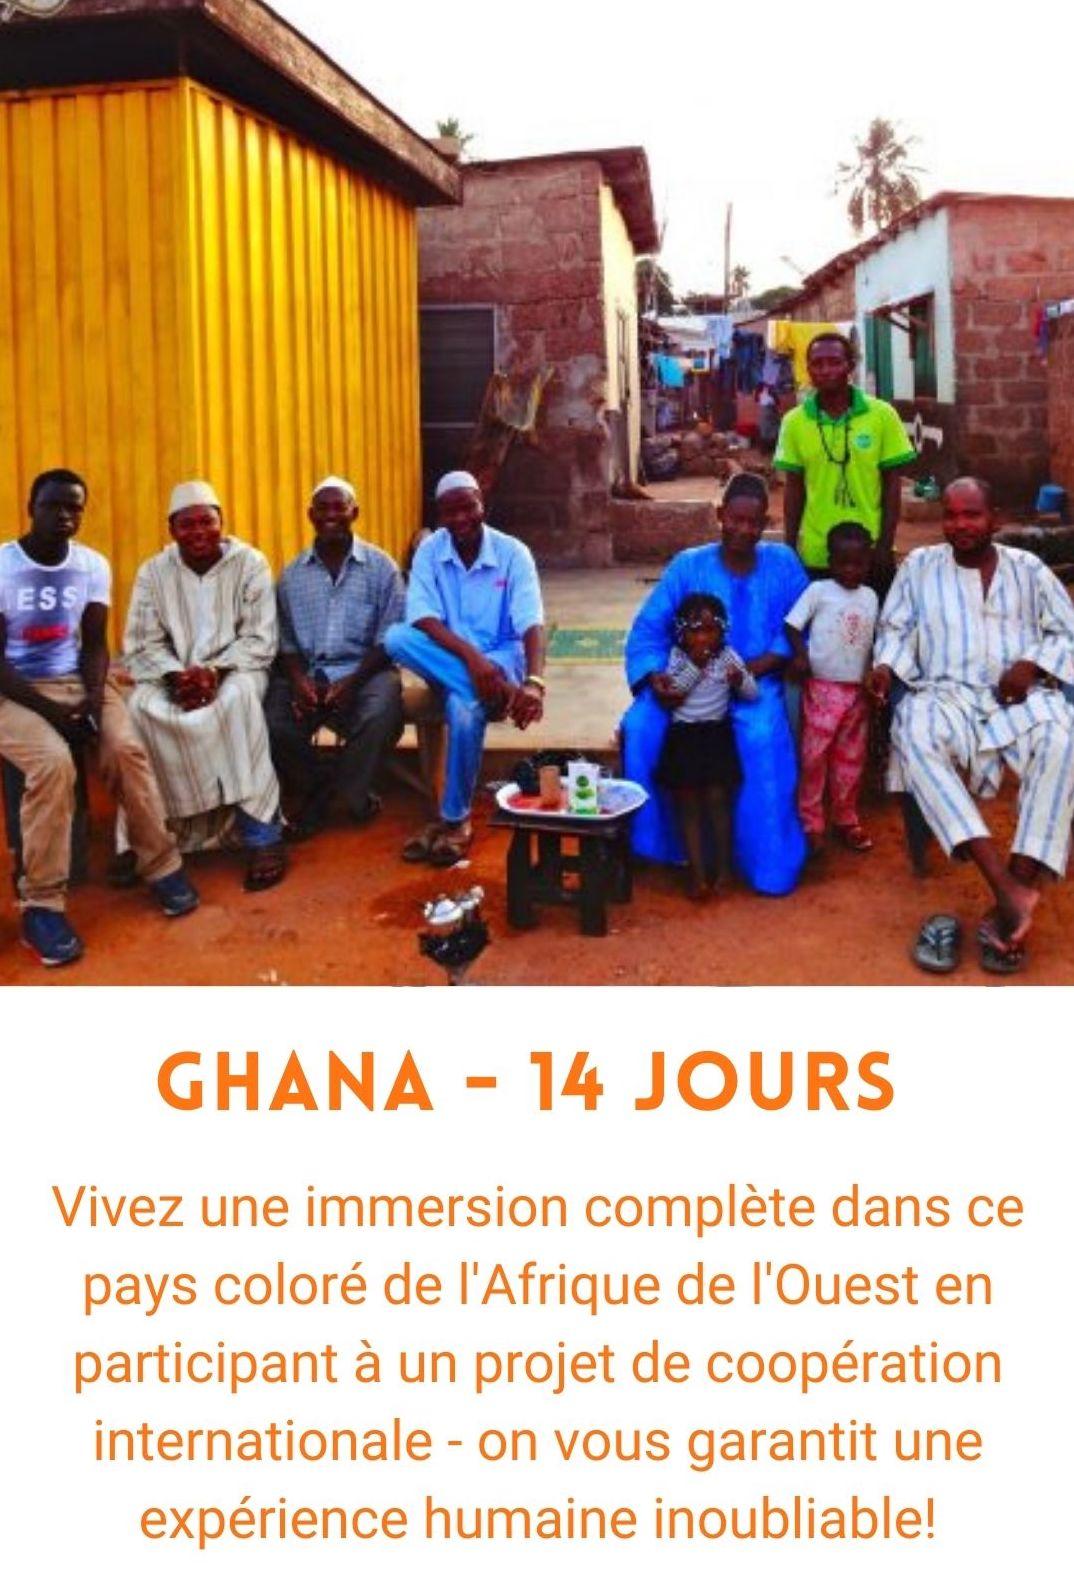 Voyage organisé au Ghana (voyage humanitaire)